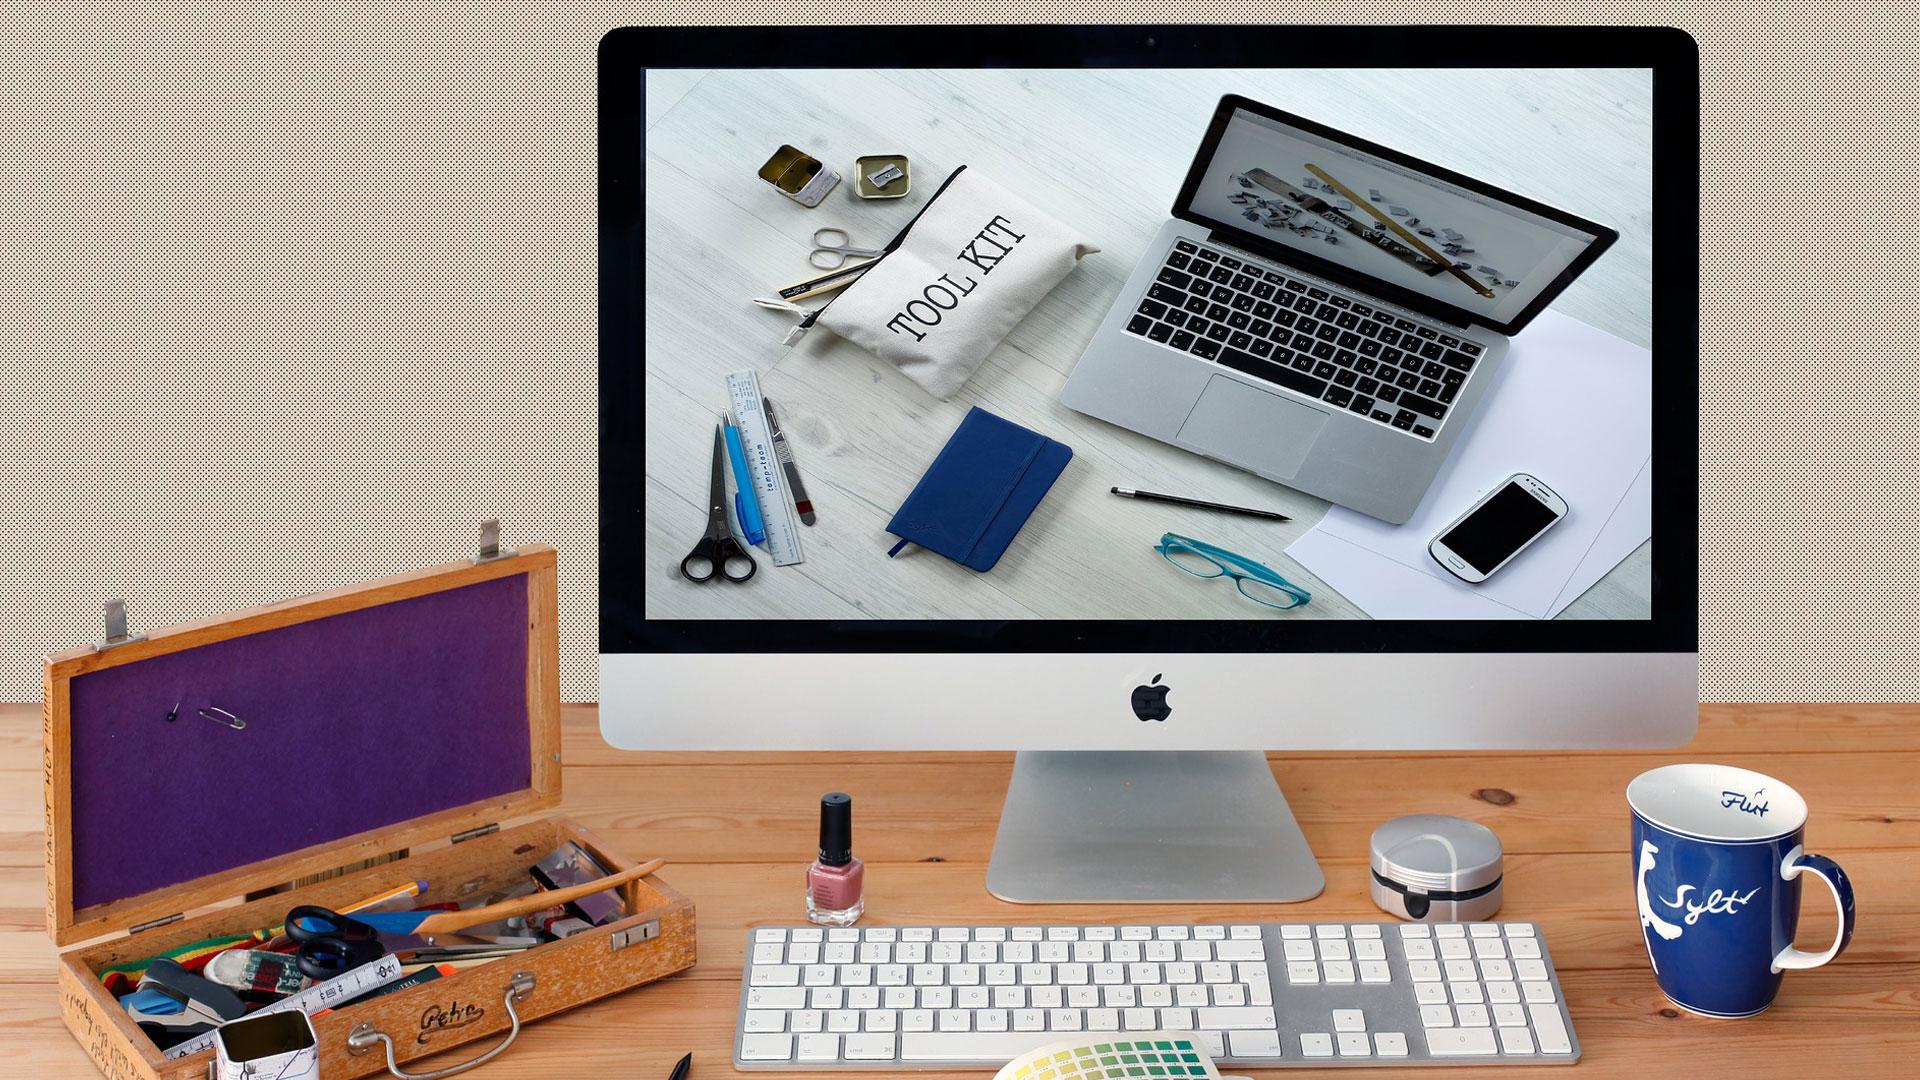 Standardisation between design tools